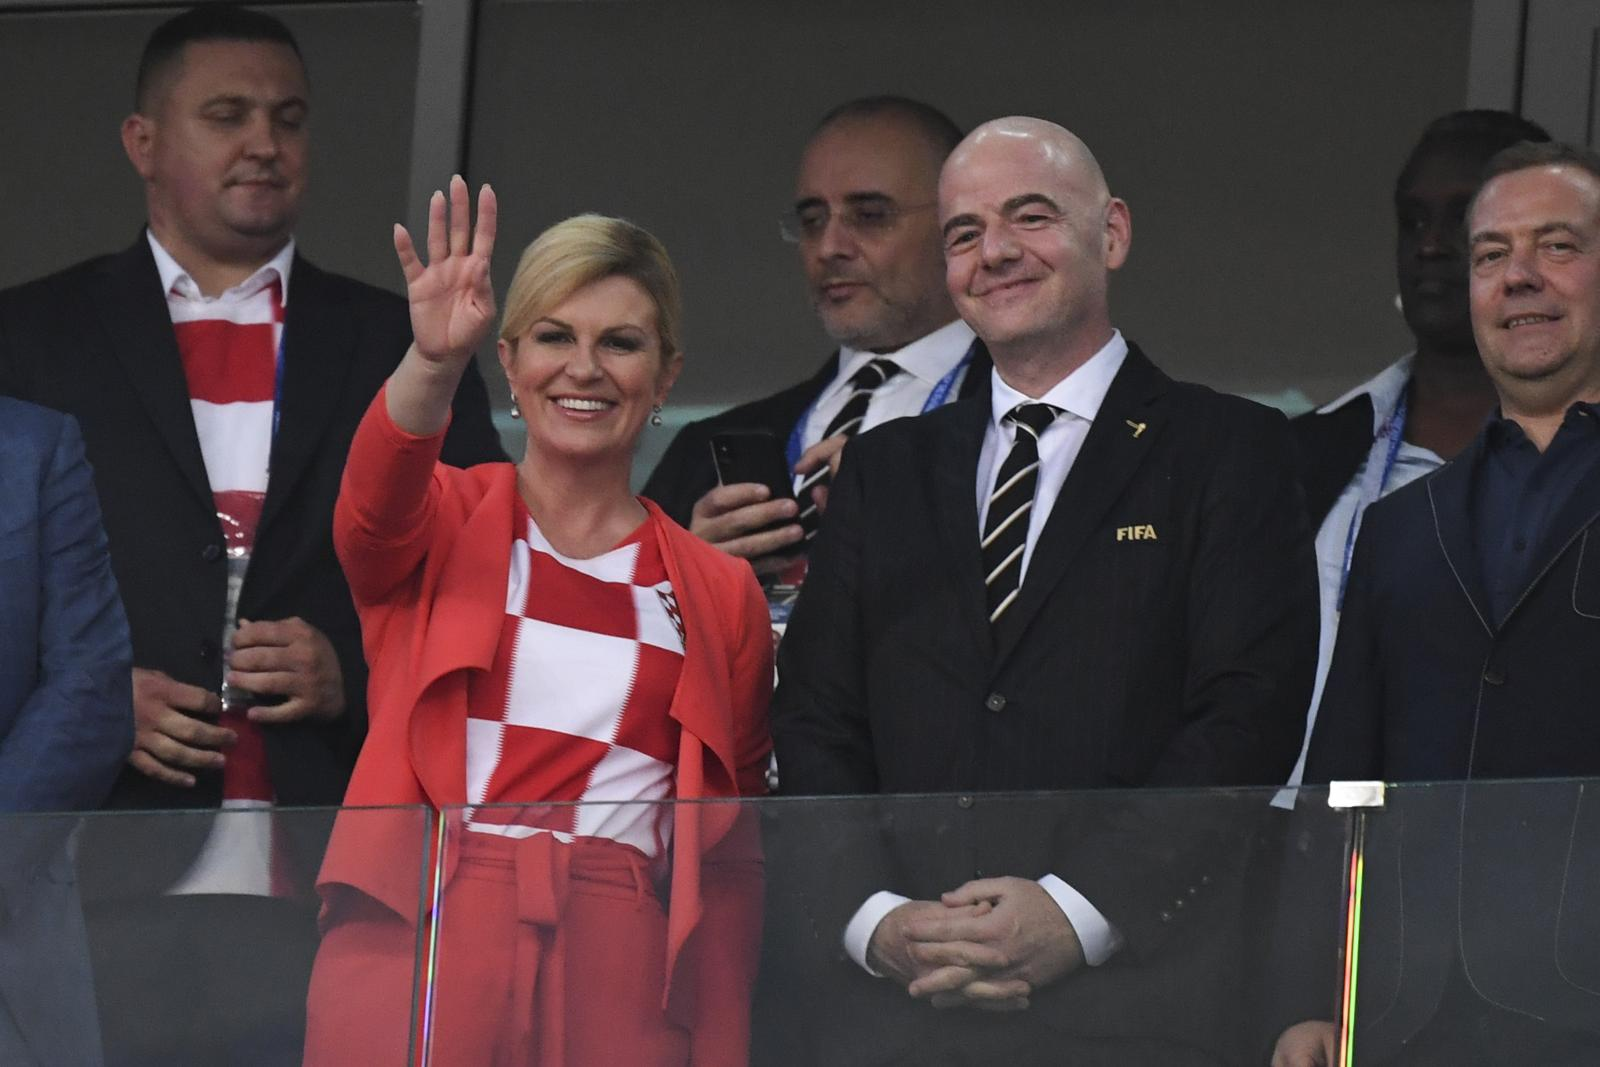 ประธานาธิบดีหญิงโครเอเชีย สวย-เก่ง-ติดดิน ทั่วโลกแห่ชื่นชม